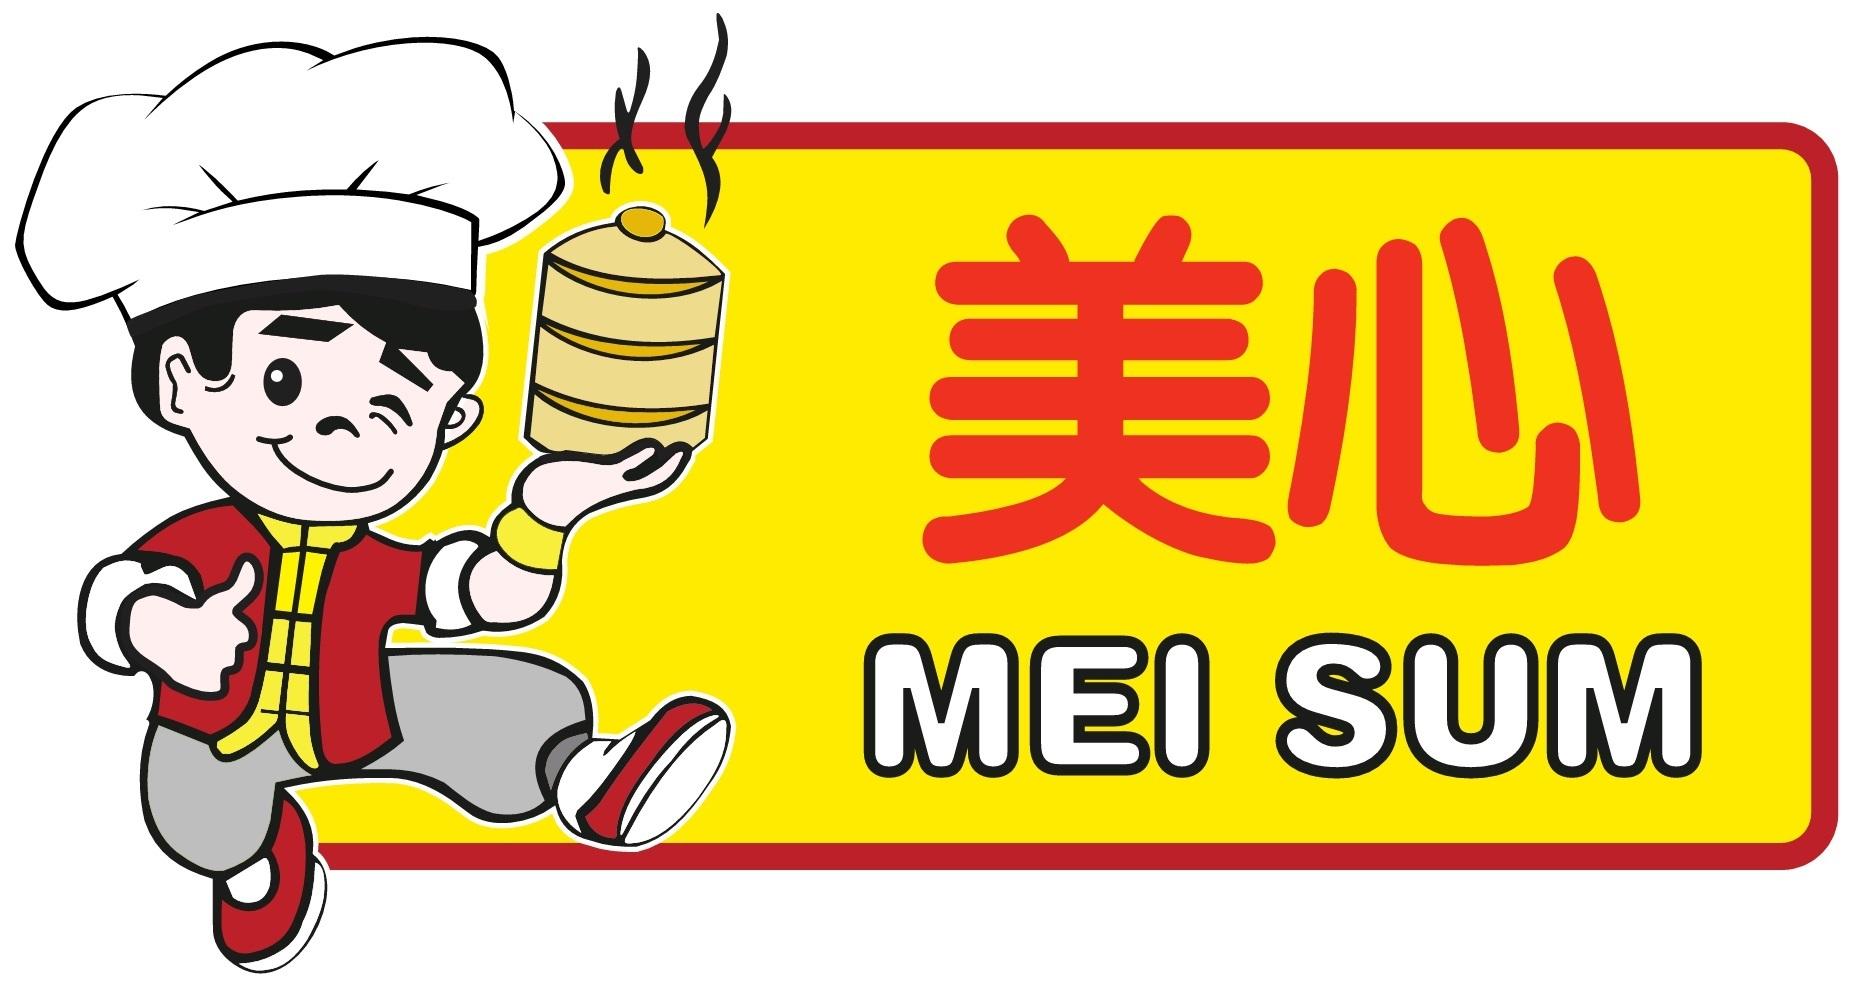 Mei Sum